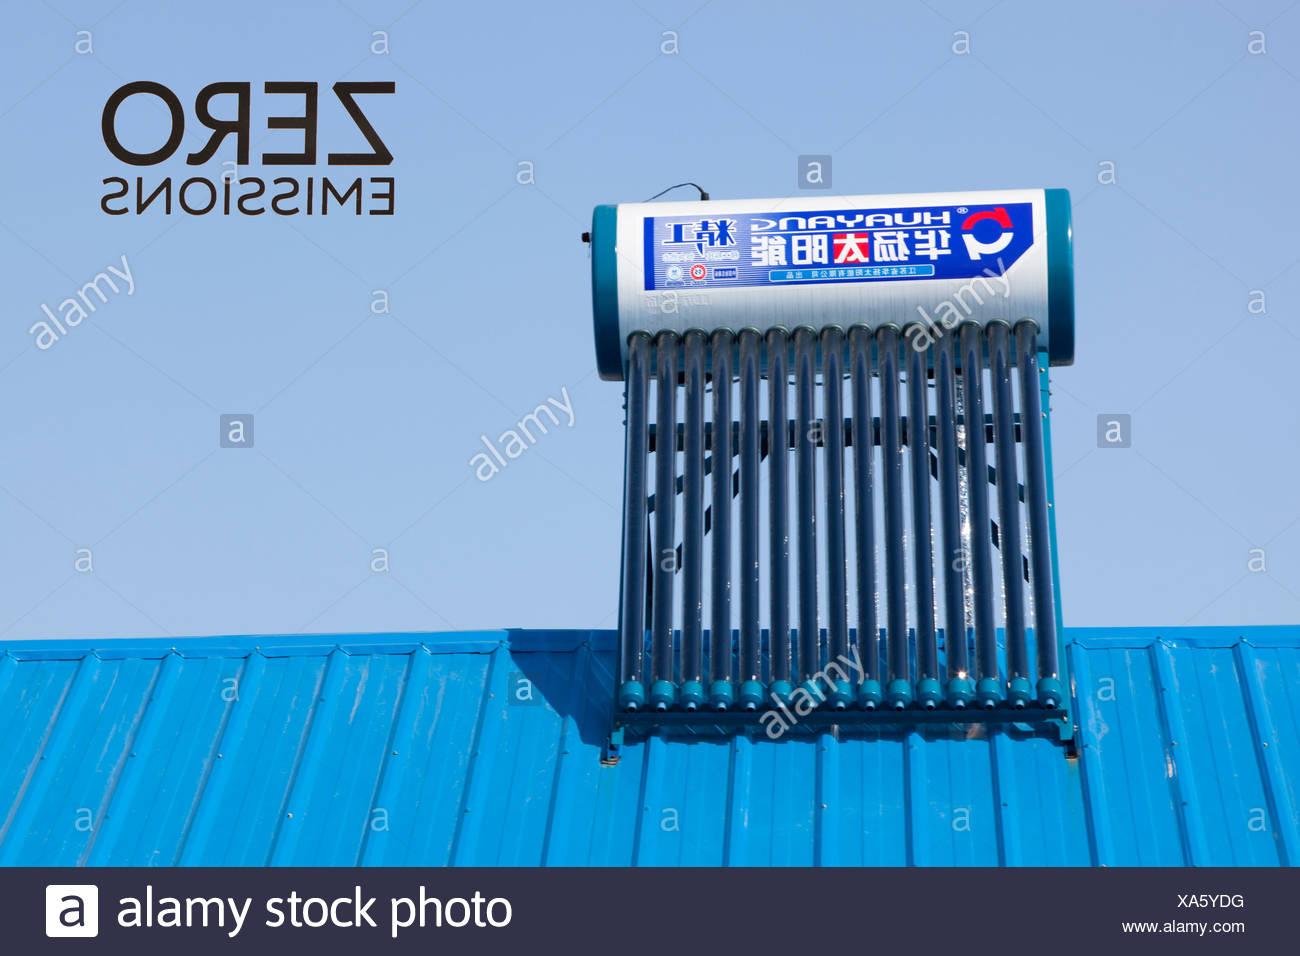 Chauffe-eau solaire sur un toit de maison en Chine. Photo Stock